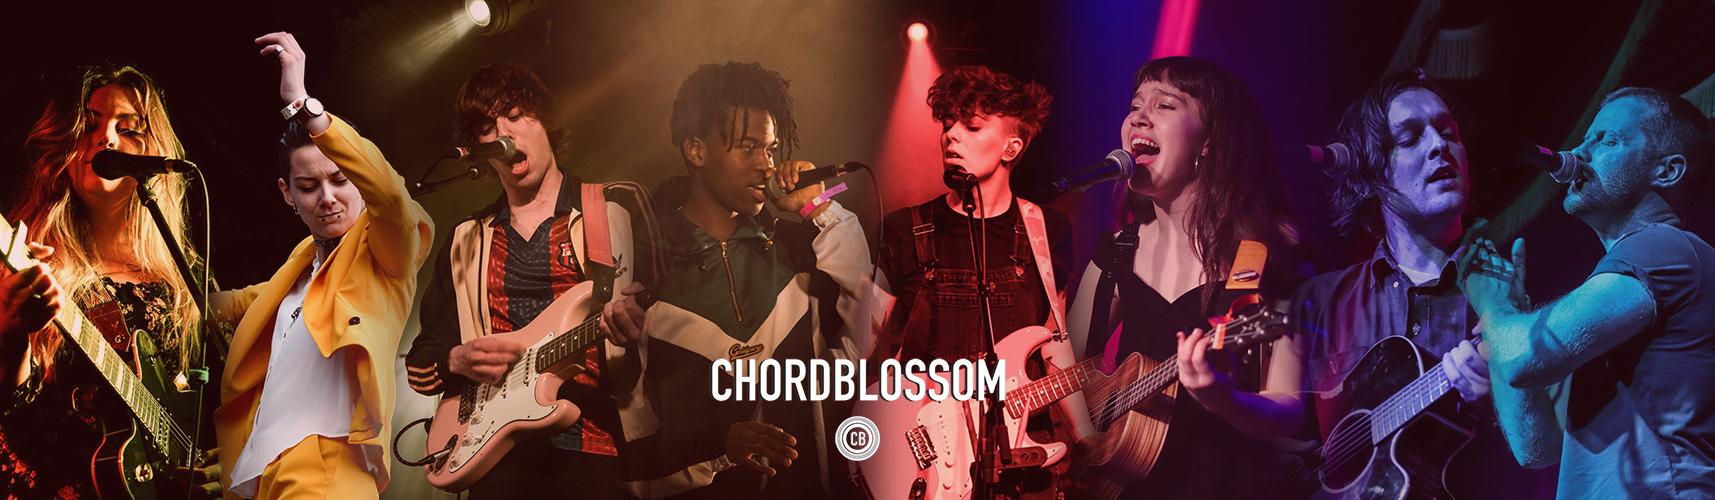 Chordblossom